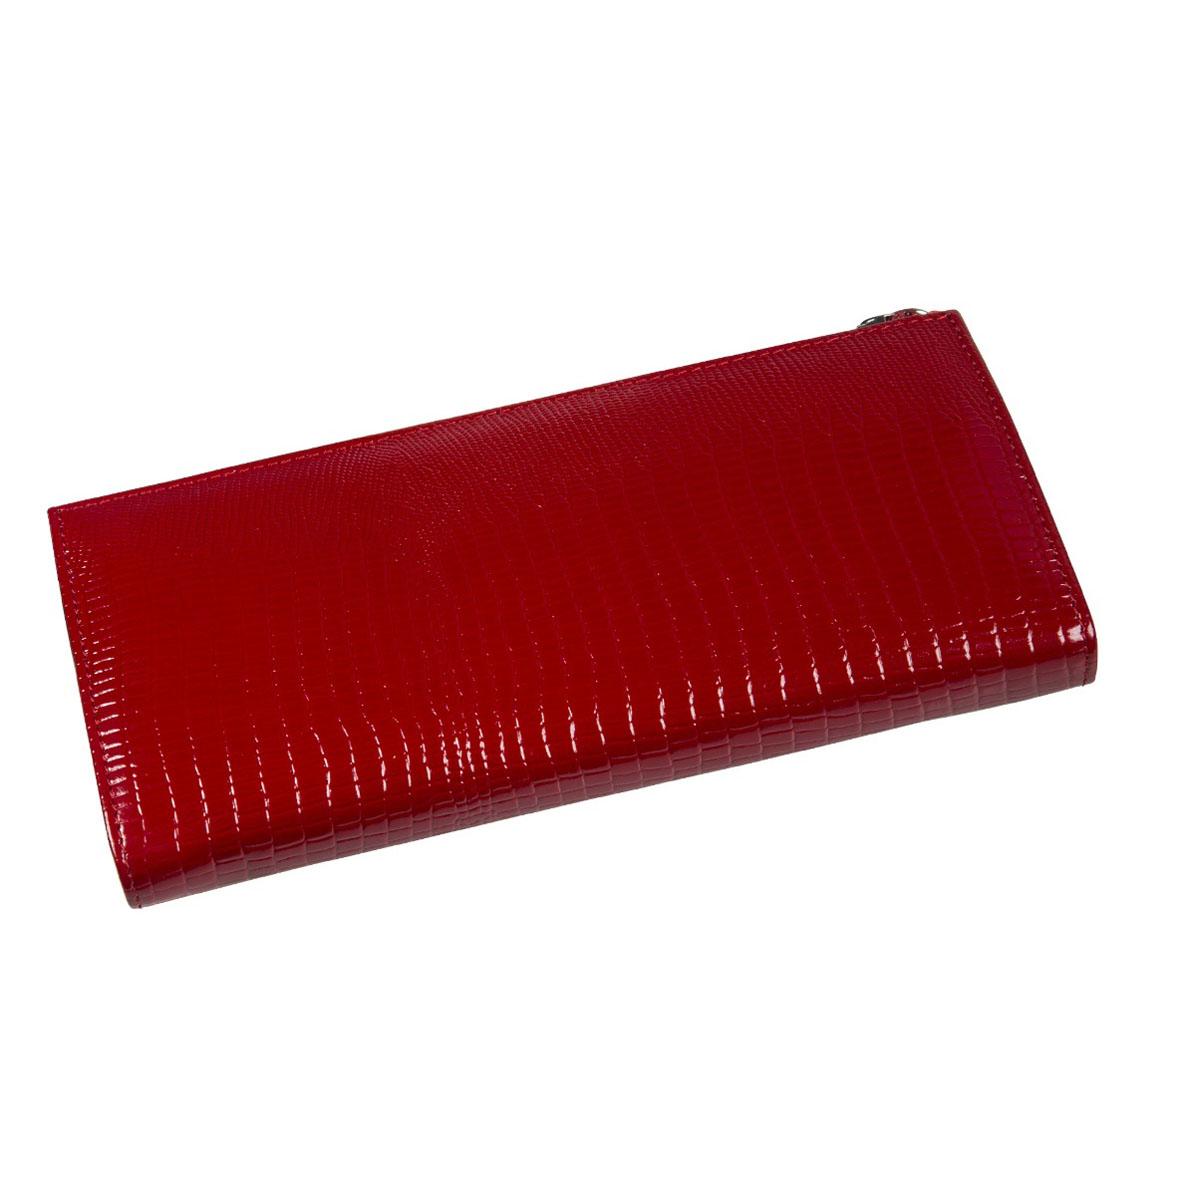 Портмоне женское Befler Ящерица, цвет: красный. PJ.159.-3PJ.159.-3Портмоне Befler Ящерица выполнено из натуральной лаковой кожи и оформлено тисненым рисунком. Закрывается на молнию. Внутри расположено 3 отделения для купюр, скрытый карман, отделение для мелочи на молнии, накладной карман из кожи для кредитных карт.